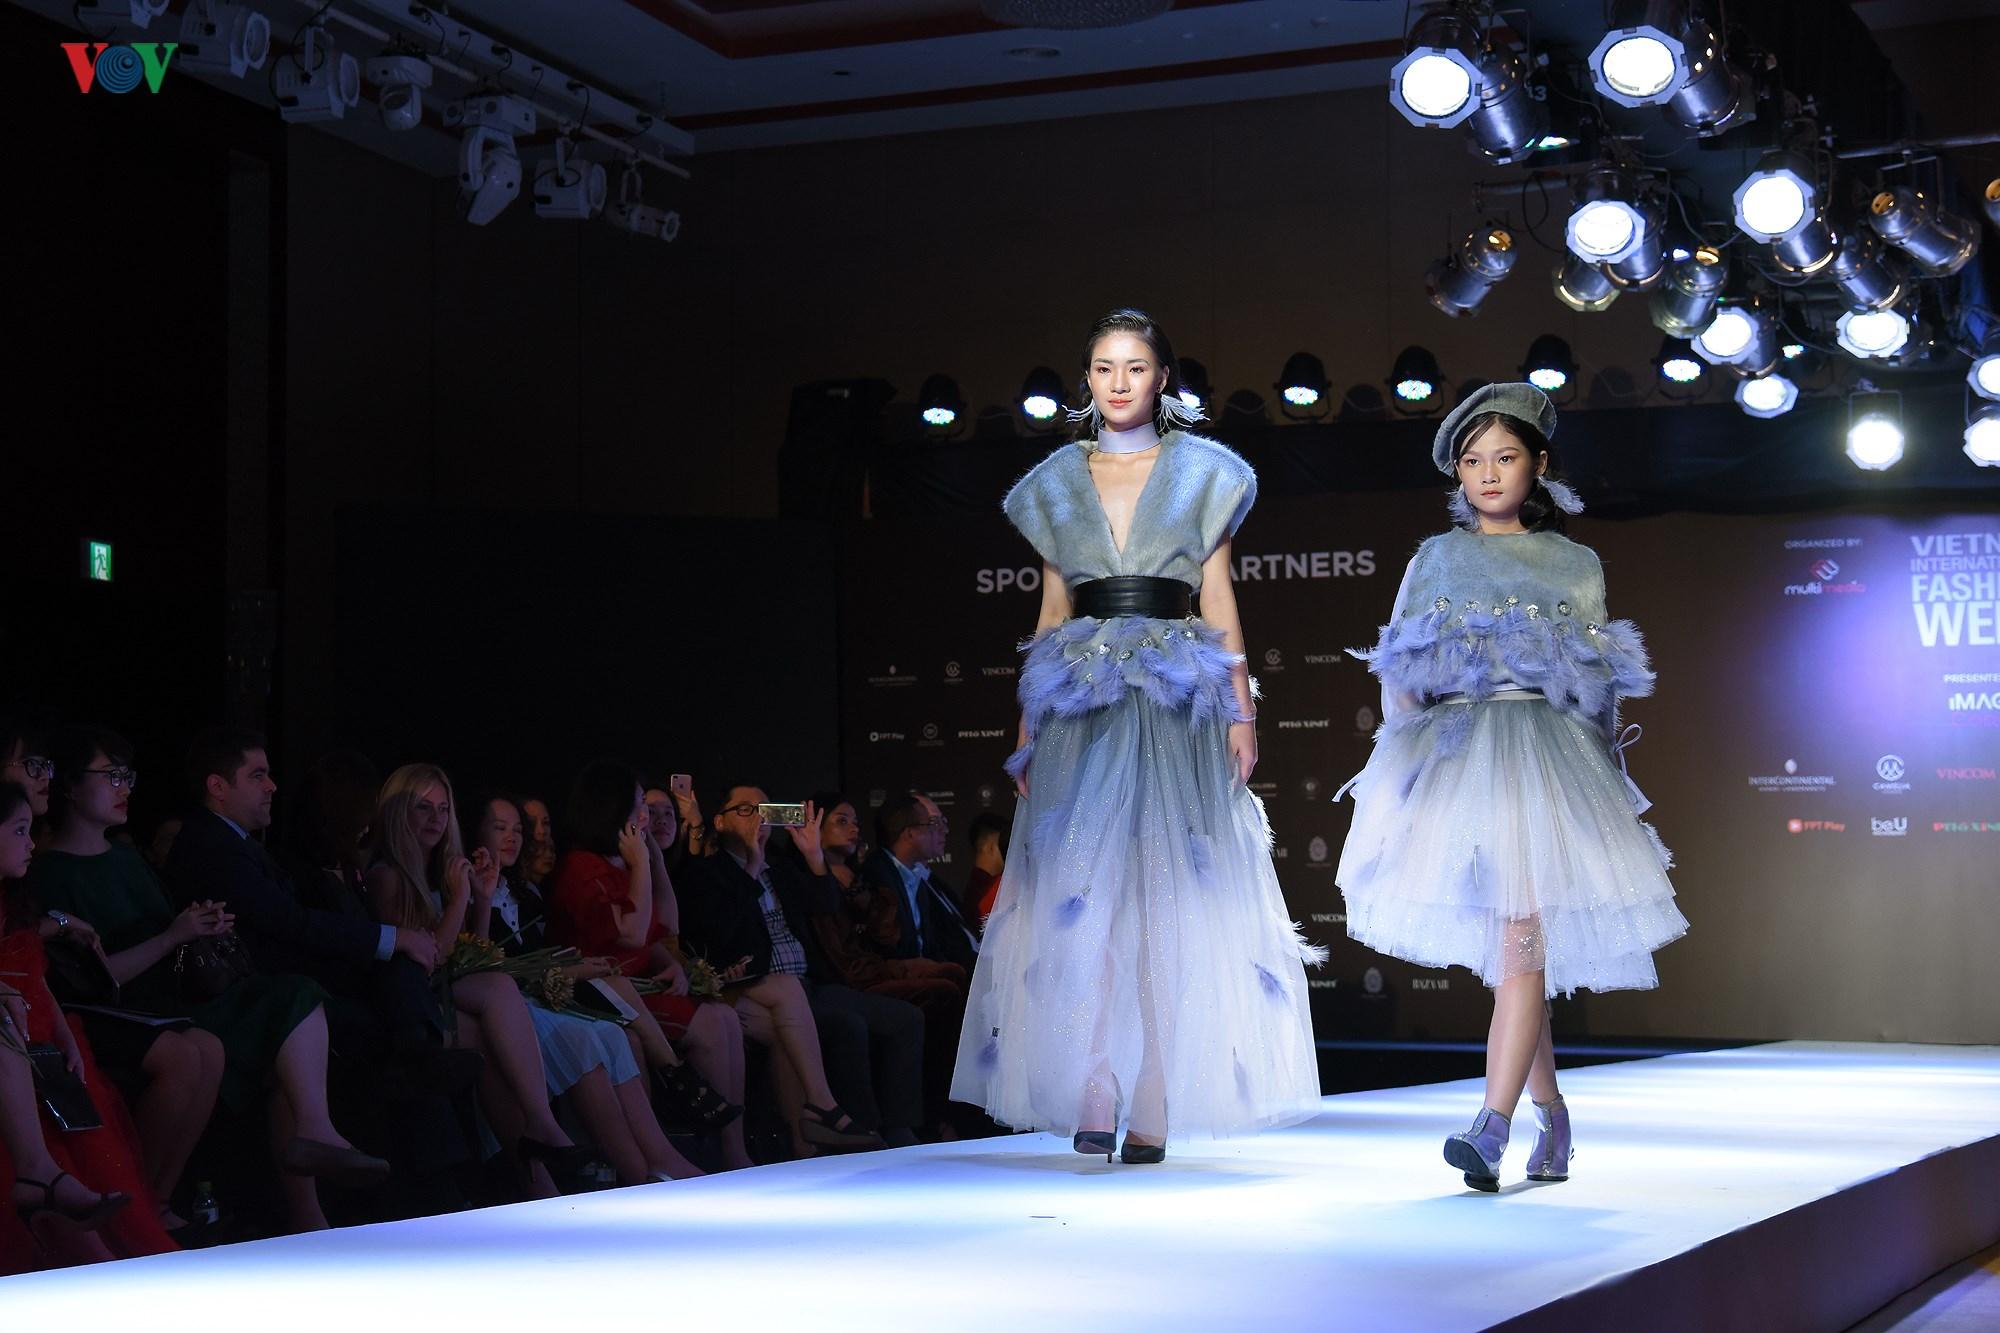 Tuần lễ Thời trang quốc tế Việt Nam Thu Đông 2018 quy tụ nhiều NTK trẻ Ảnh 8